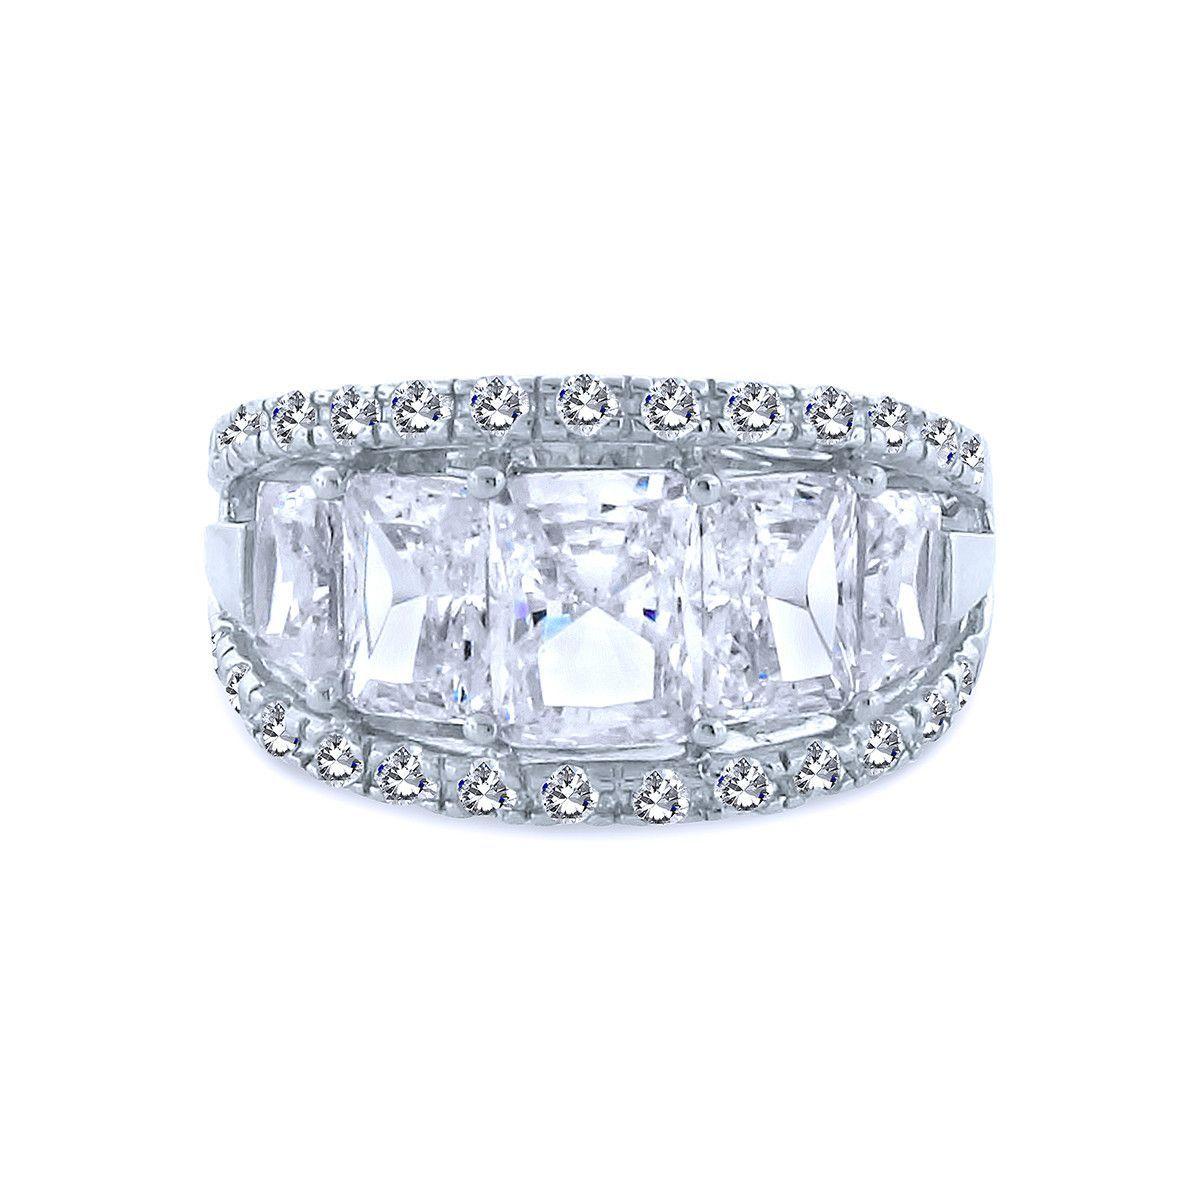 5 Emerald Cut Chandi Diamond Ring w/ Chandi Diamond Border ...